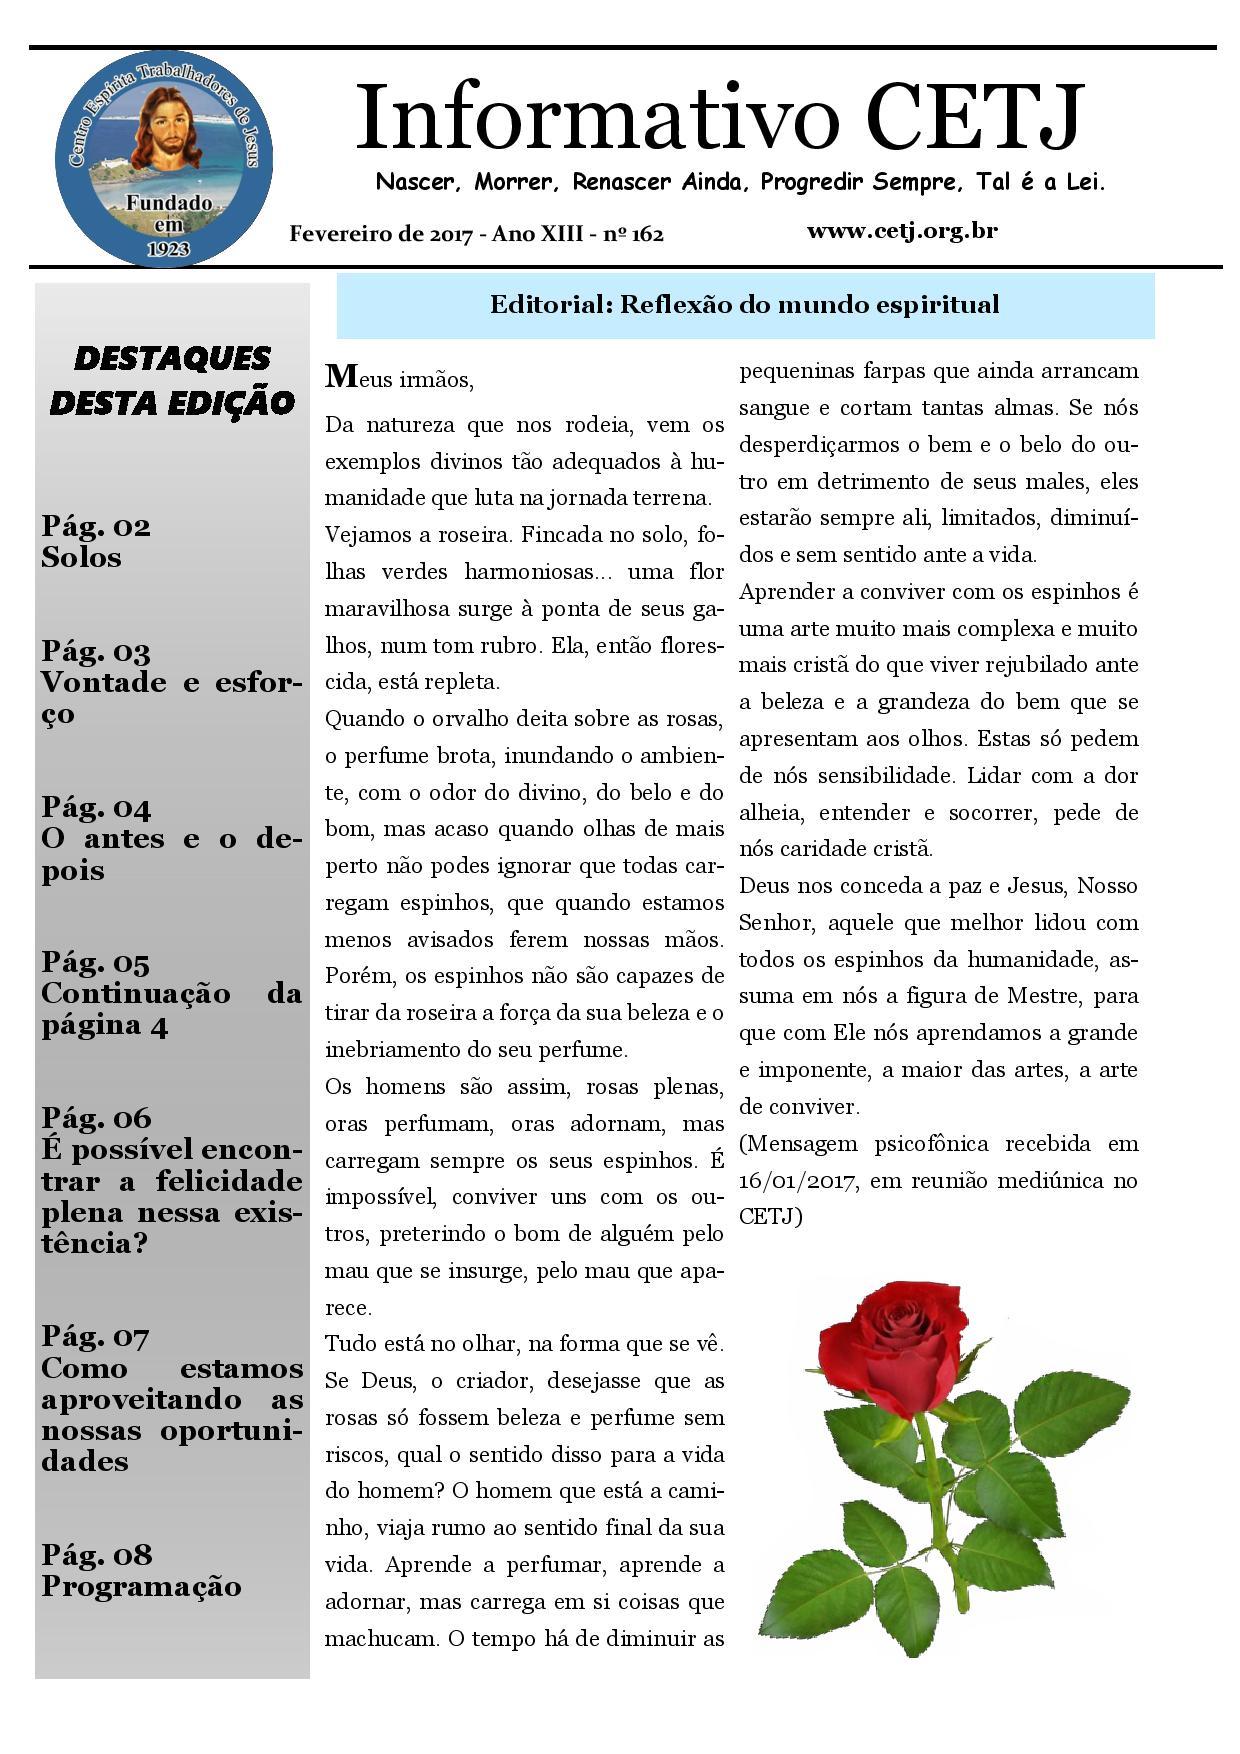 Informativo fevereiro de 2017_net-page-001